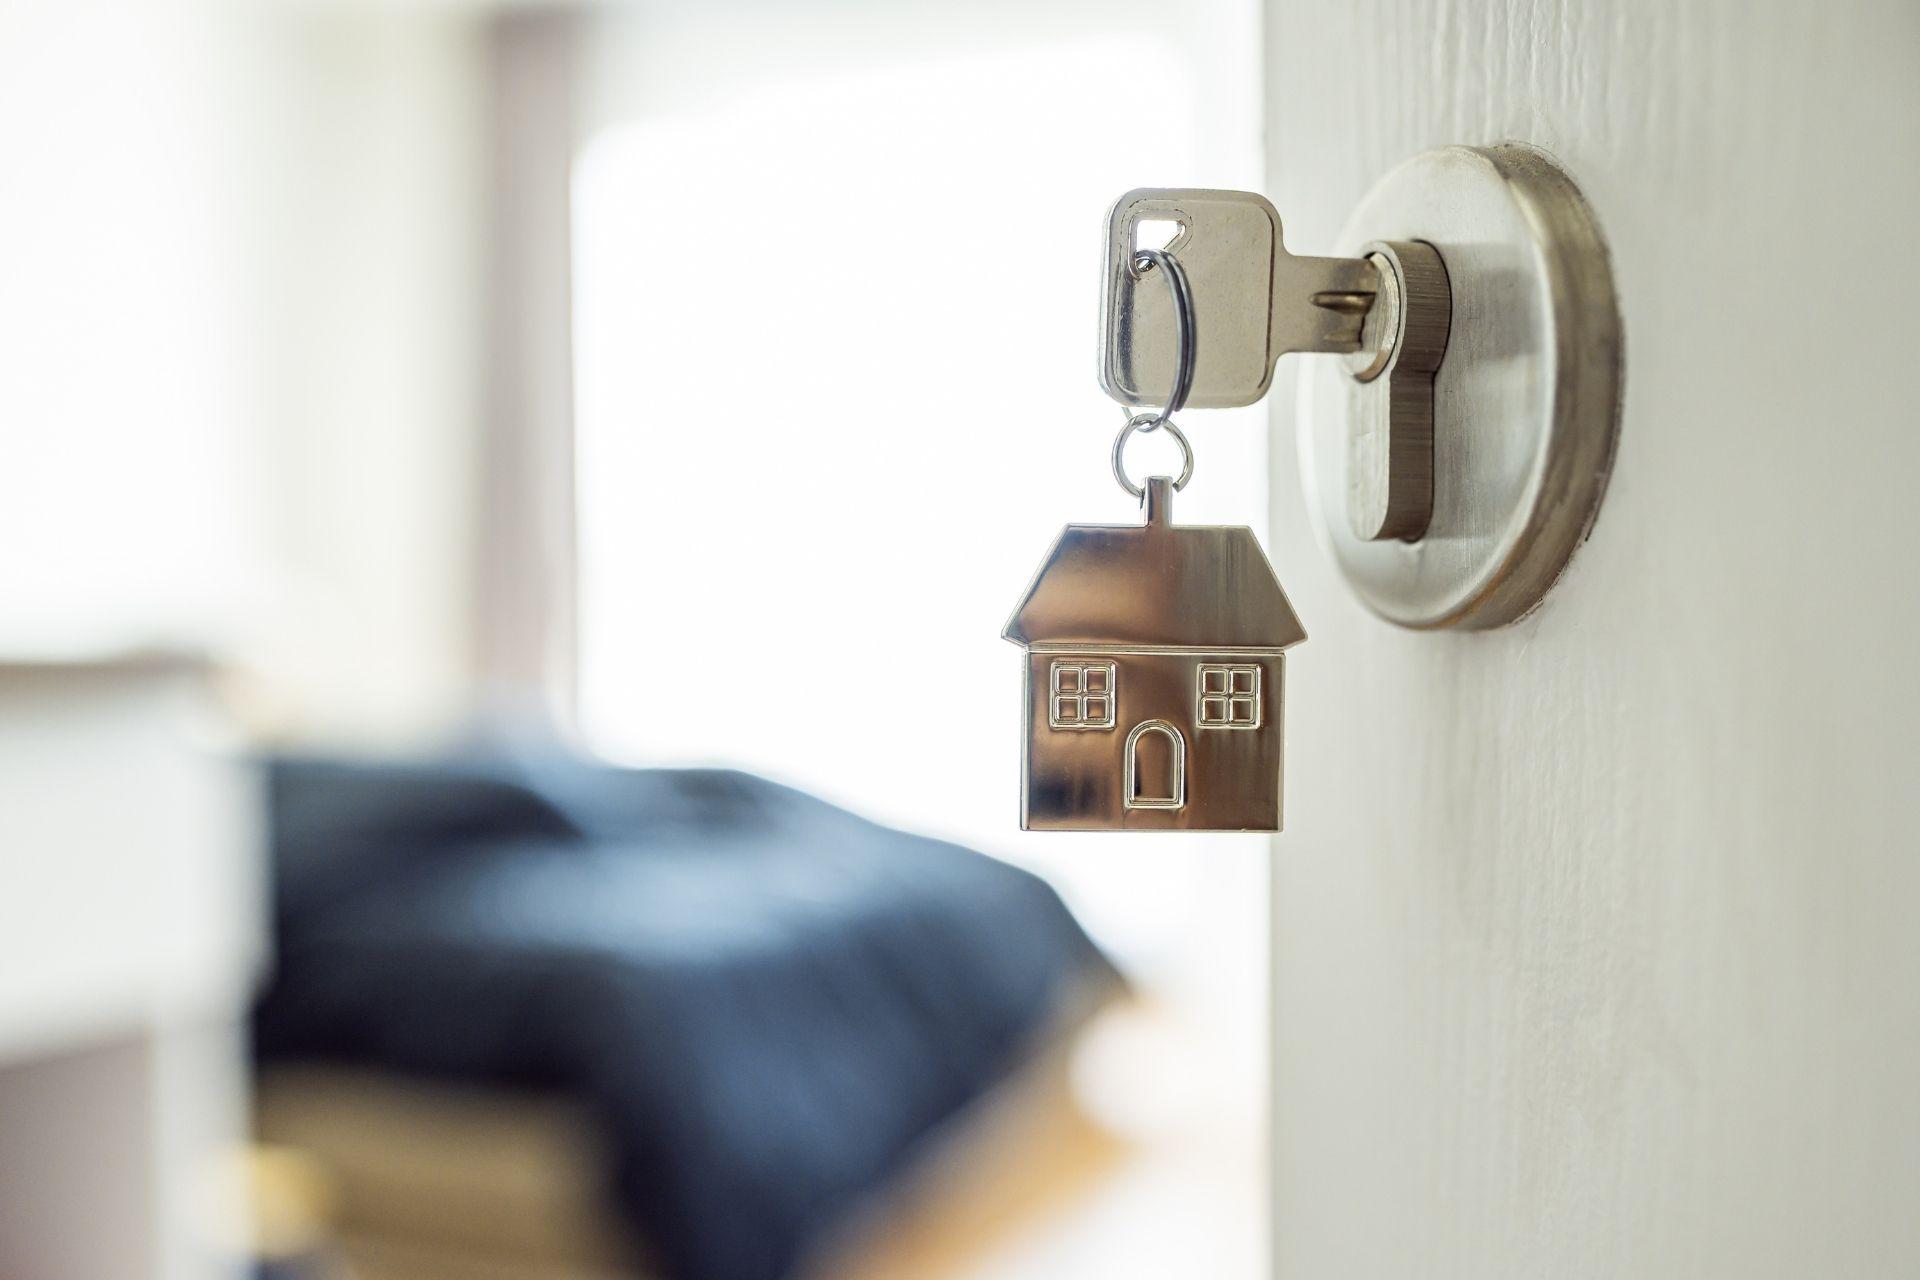 Open door with key in lock